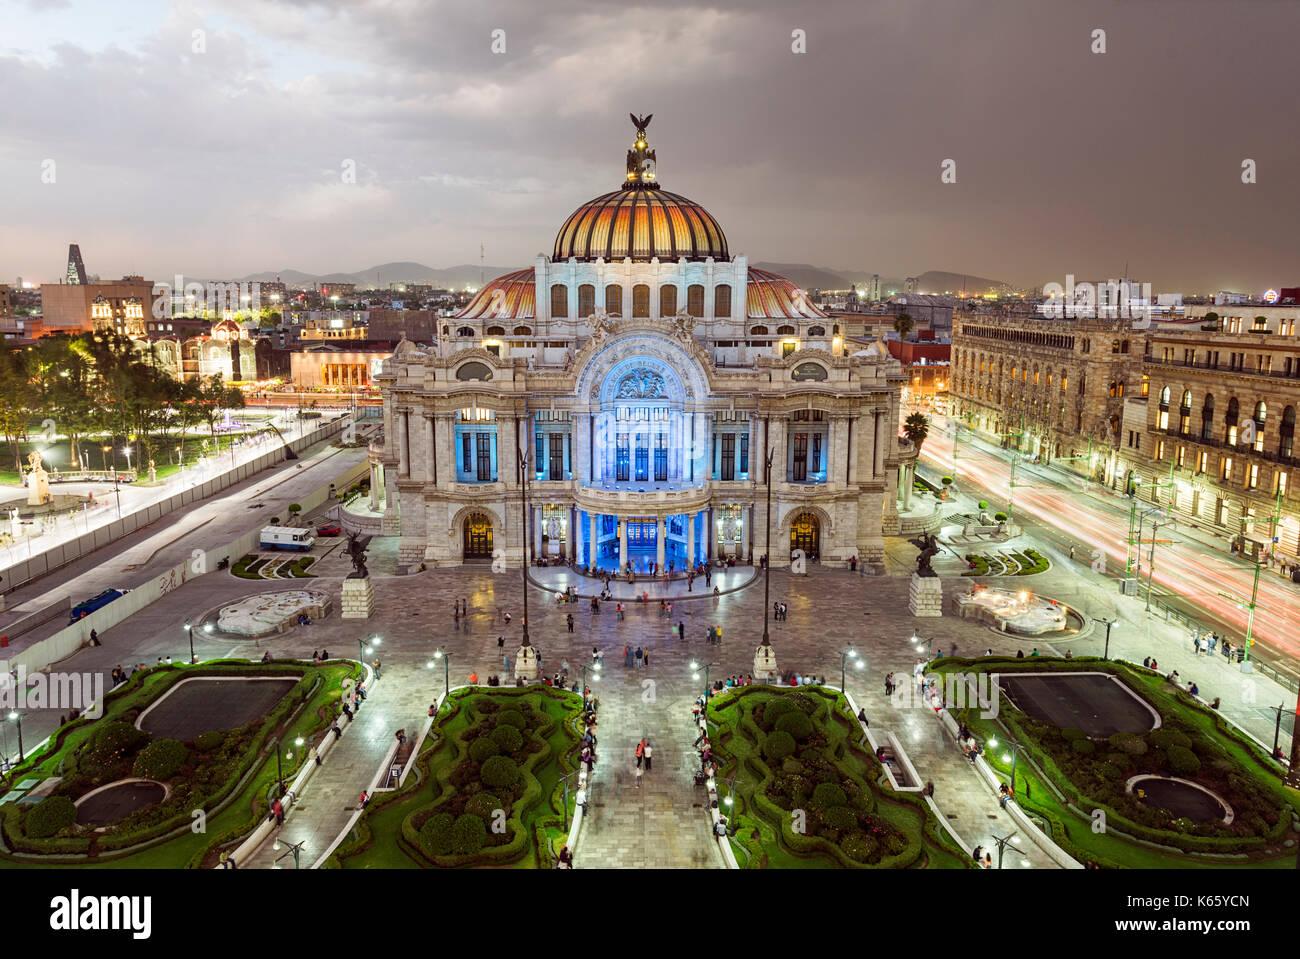 Palacio de Bellas Artes de Mexico Photo Stock